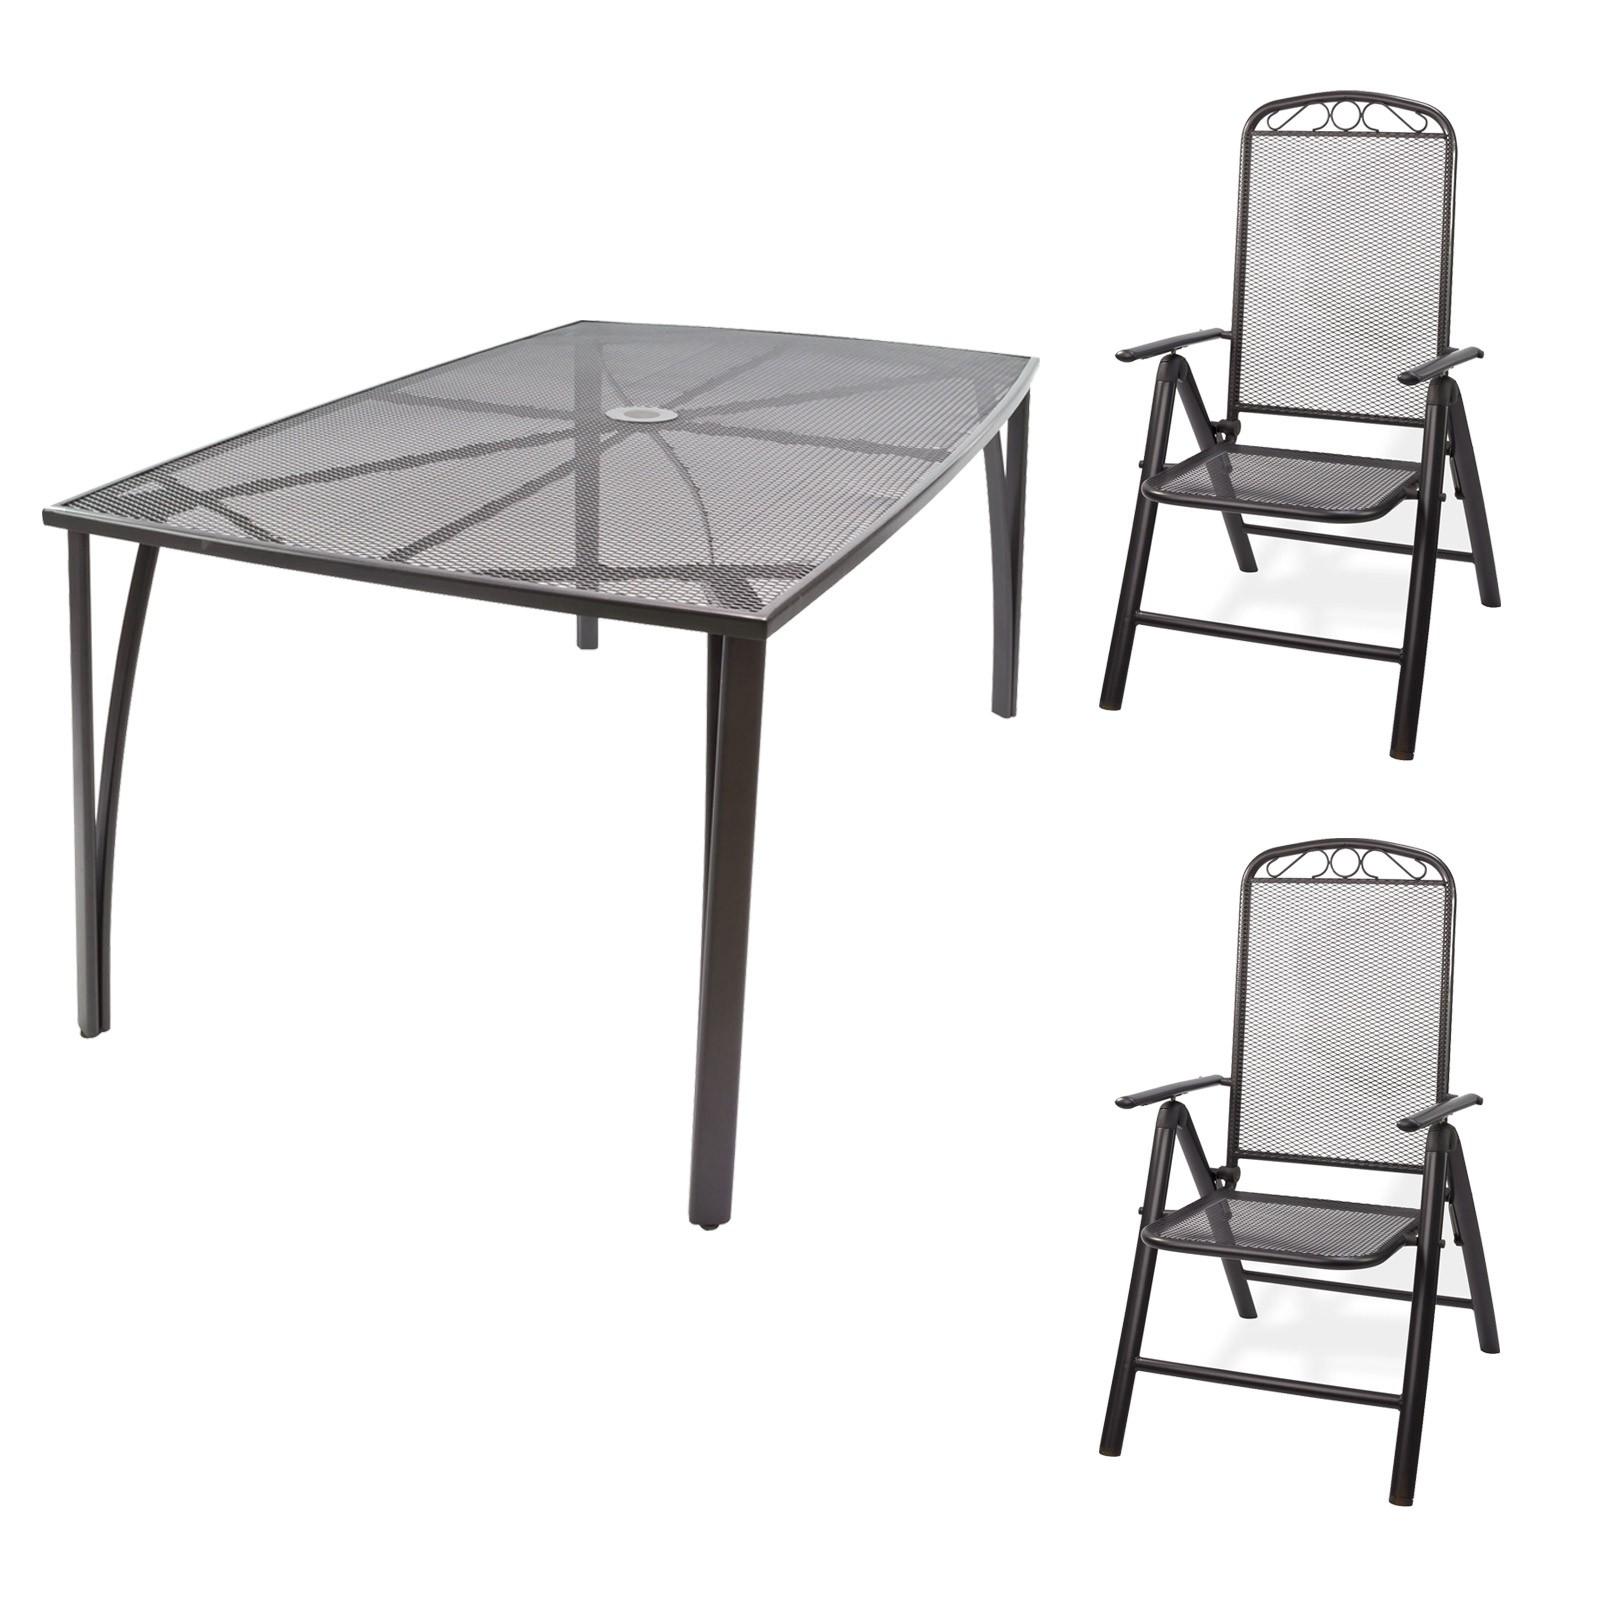 Gartenmobel Streckmetall 1 X Tisch 150x90x72 2 X Stuhl Set